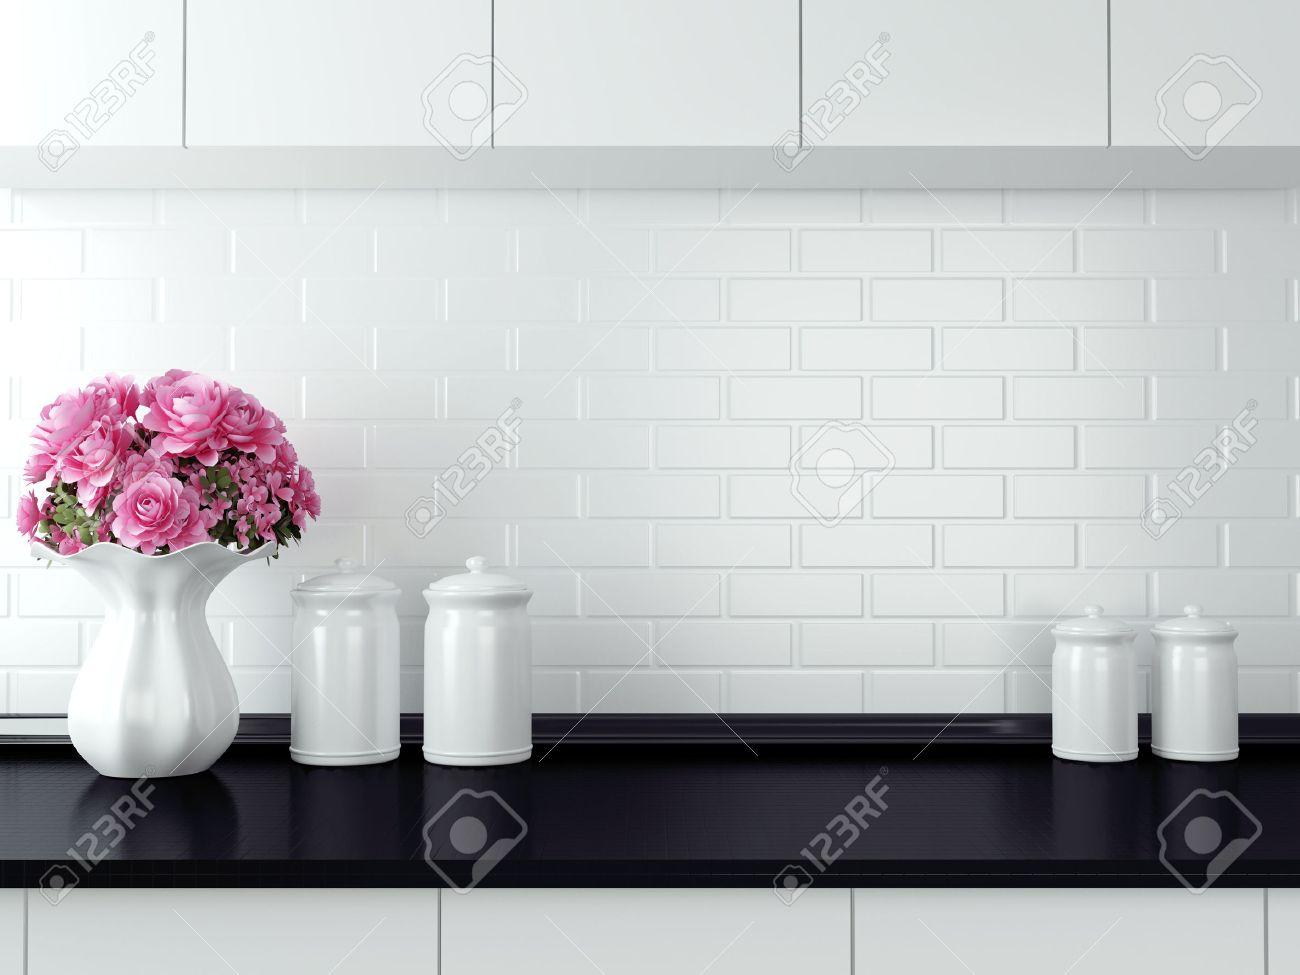 Bords på bänkskivan. svart och vitt kök design. royalty fria ...